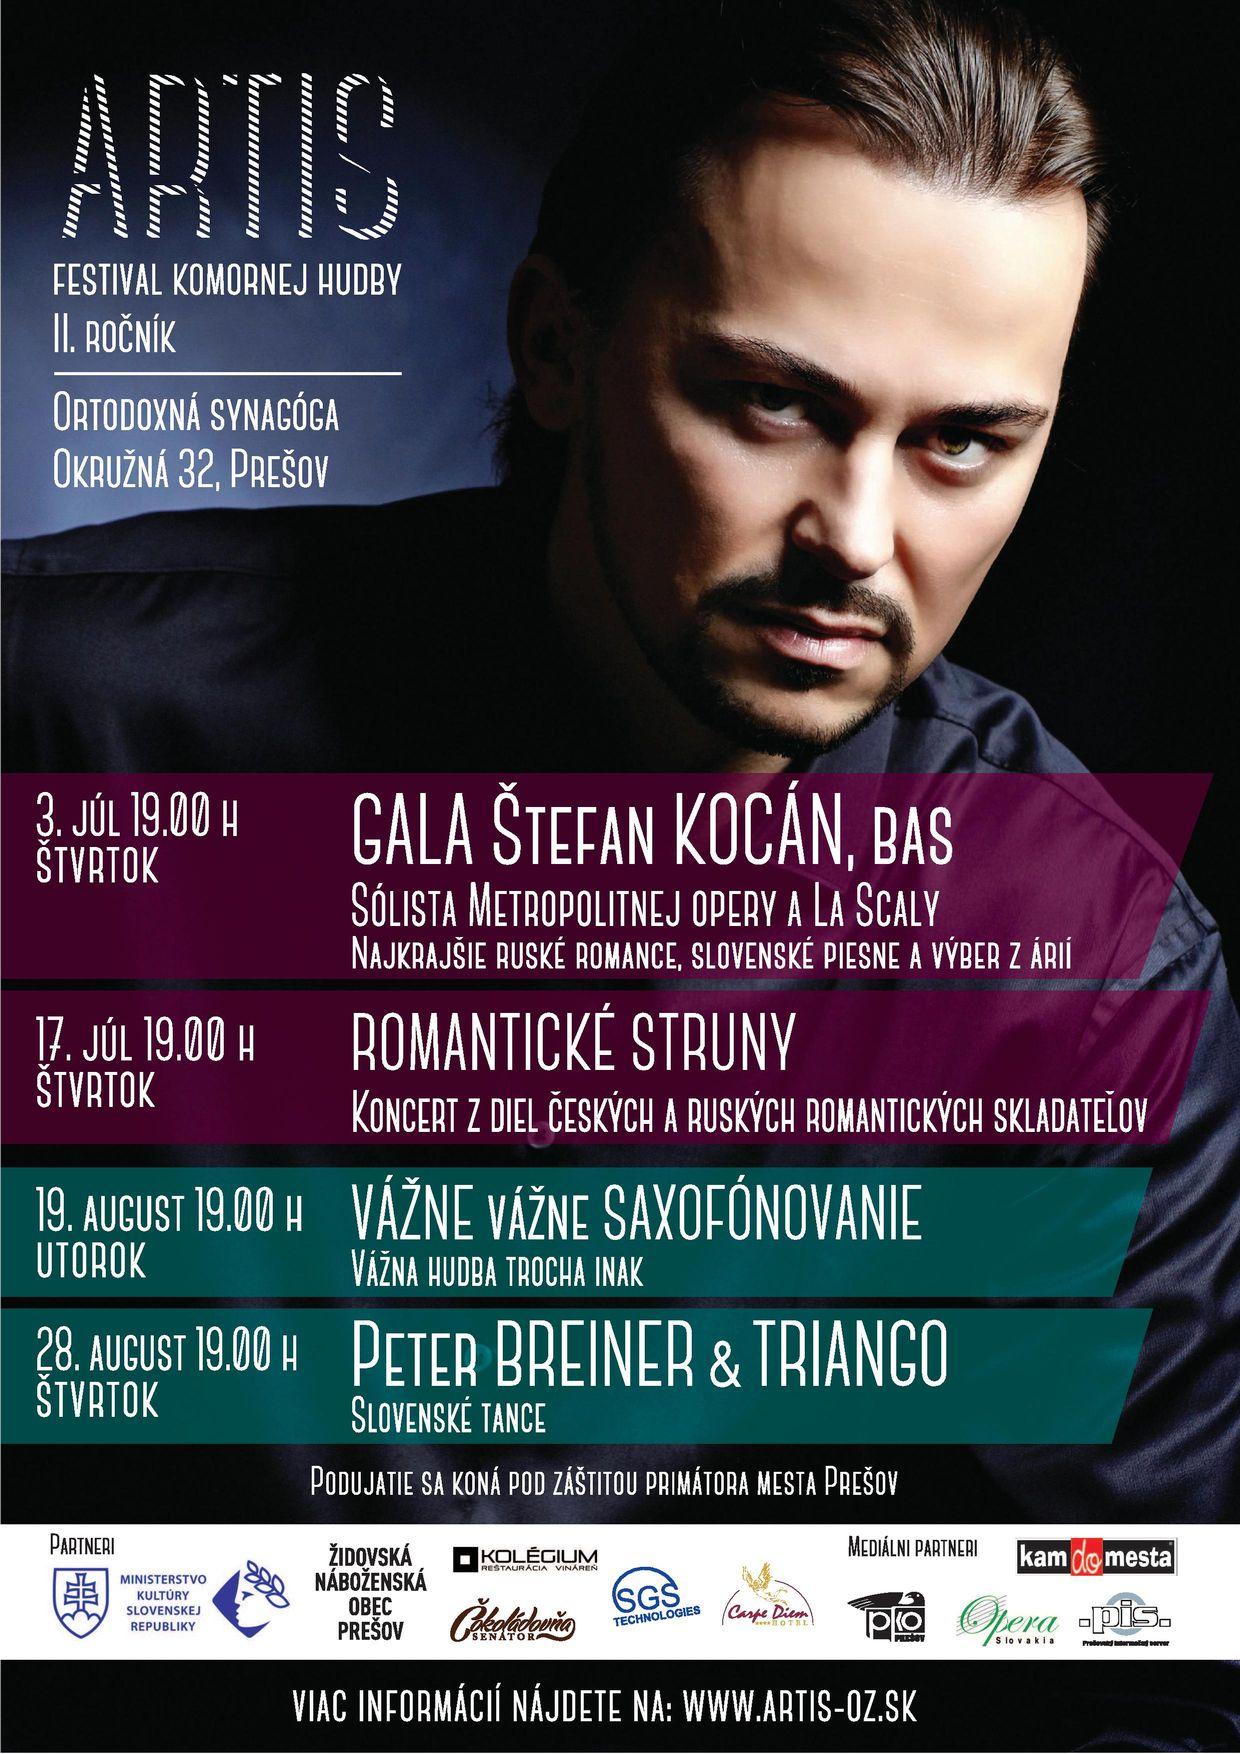 ARTIS festival komornej hudby 2014, II. ročník, plagát